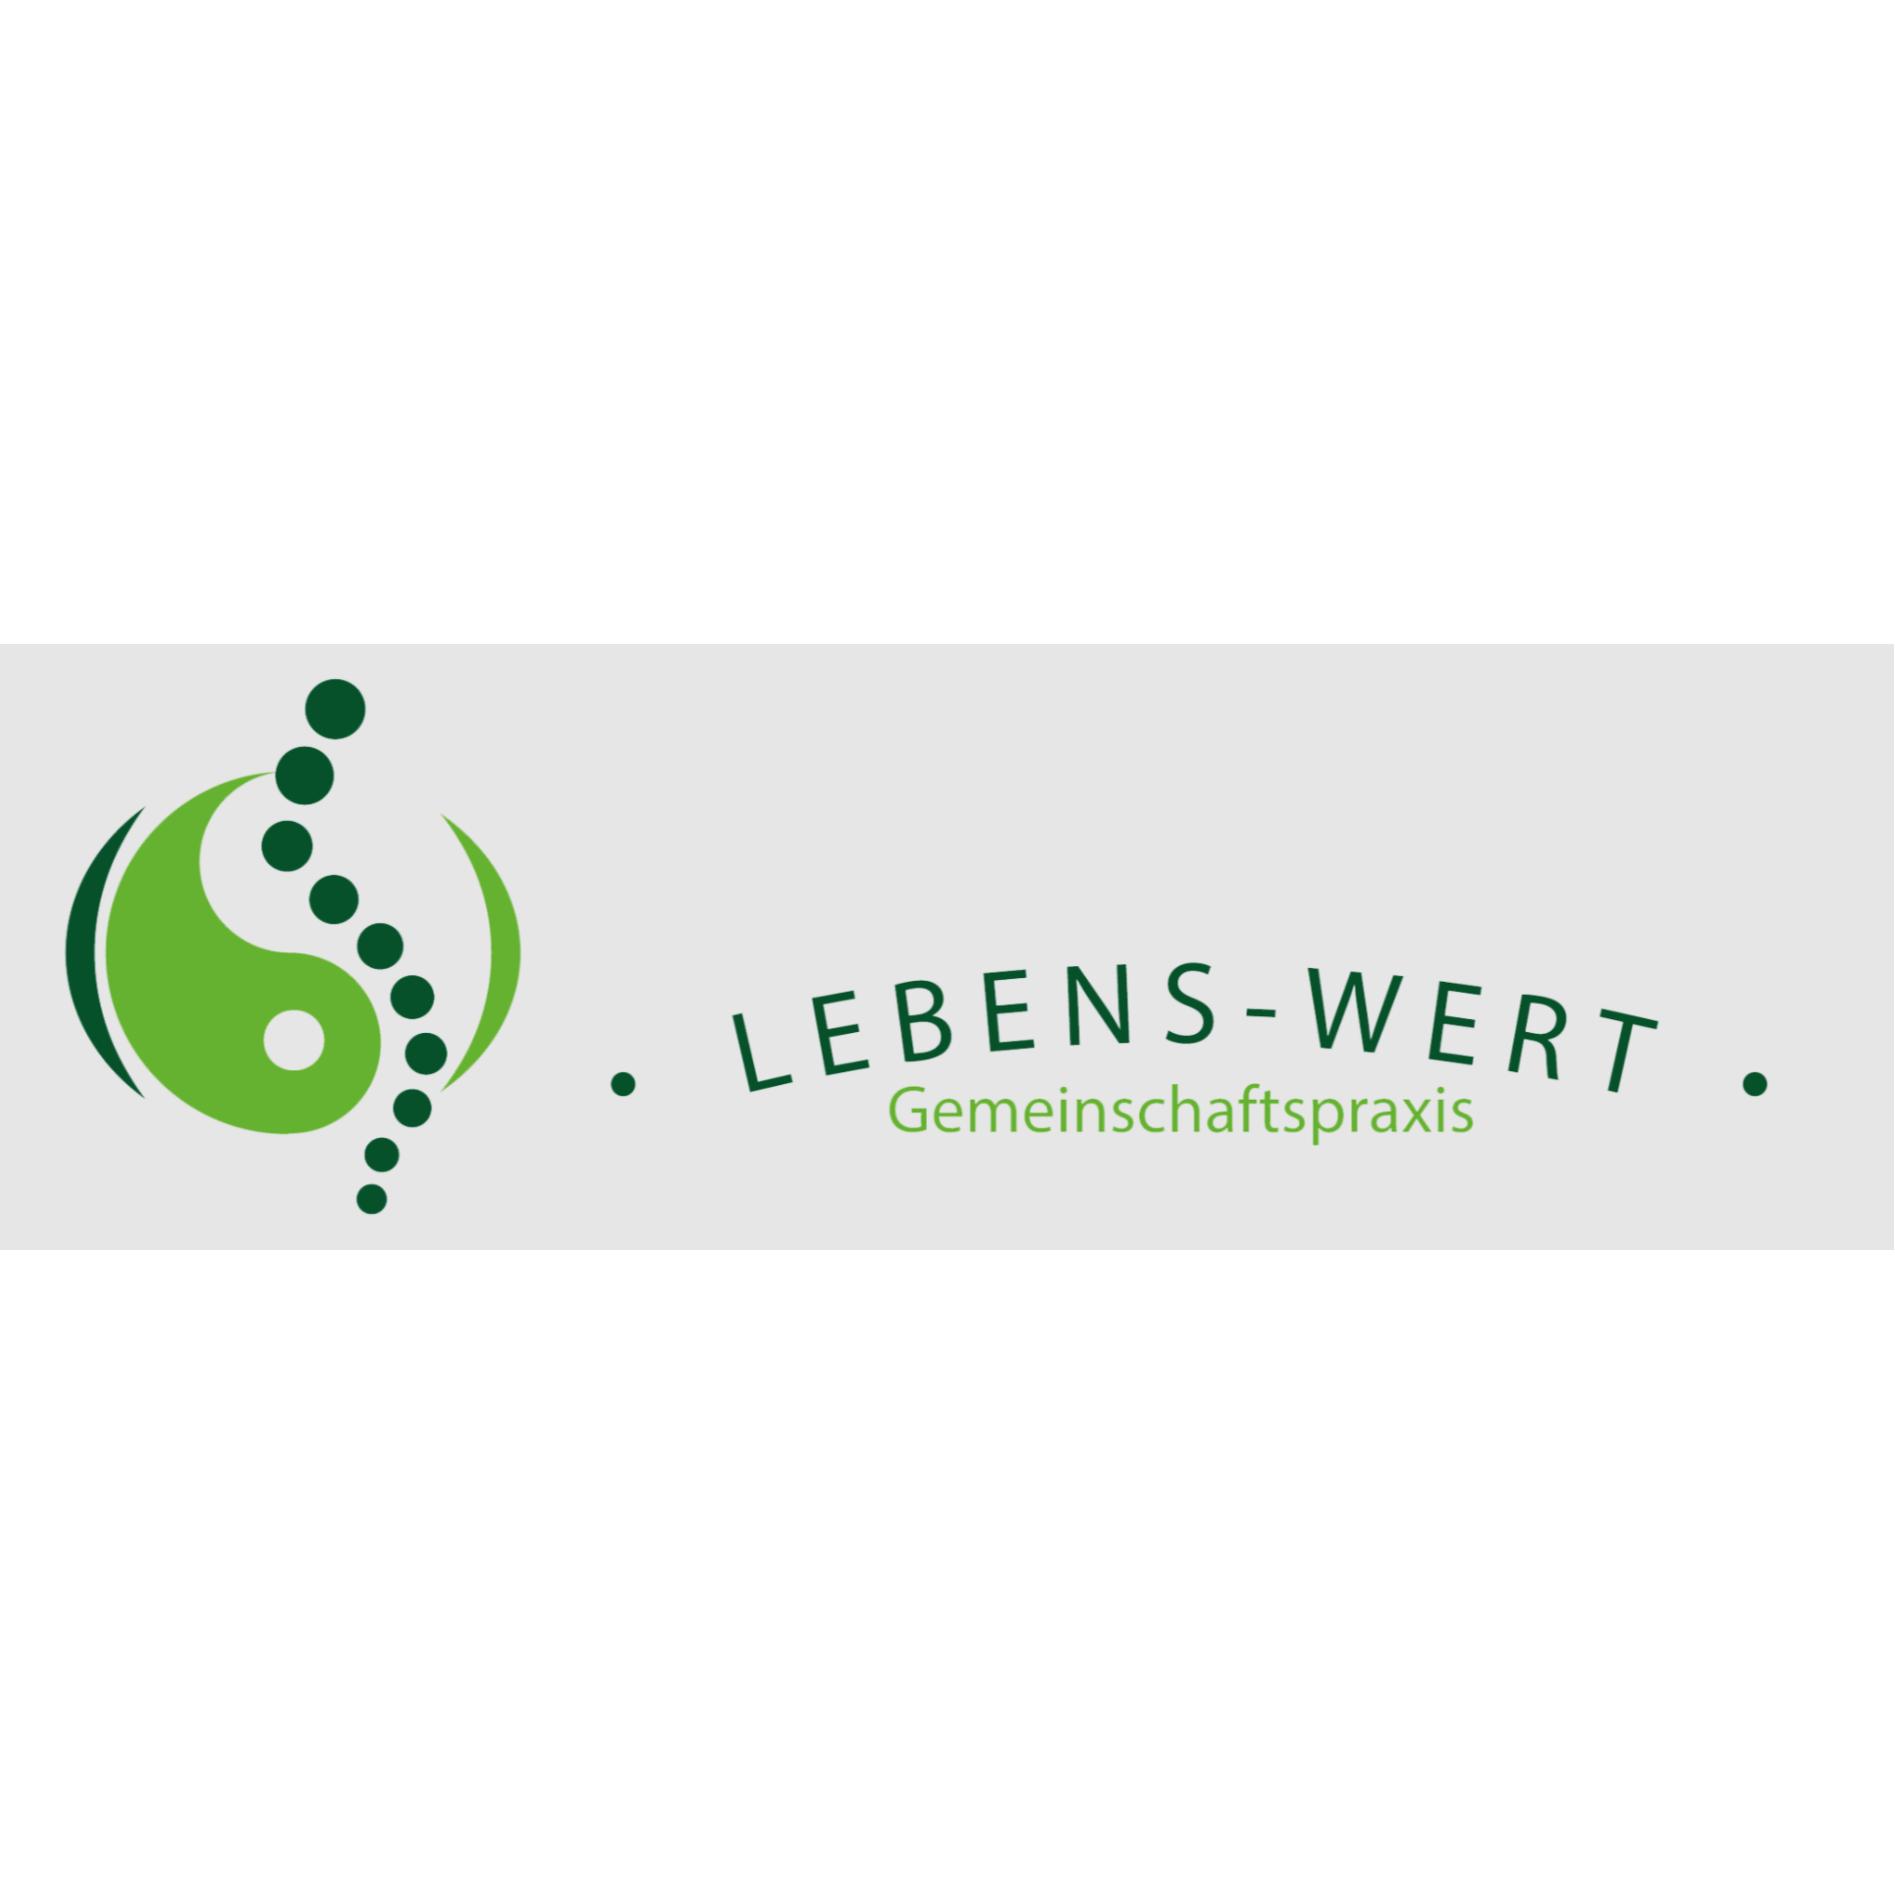 """Logo von Gemeinschftspraxis """"LEBENS-WERT"""""""